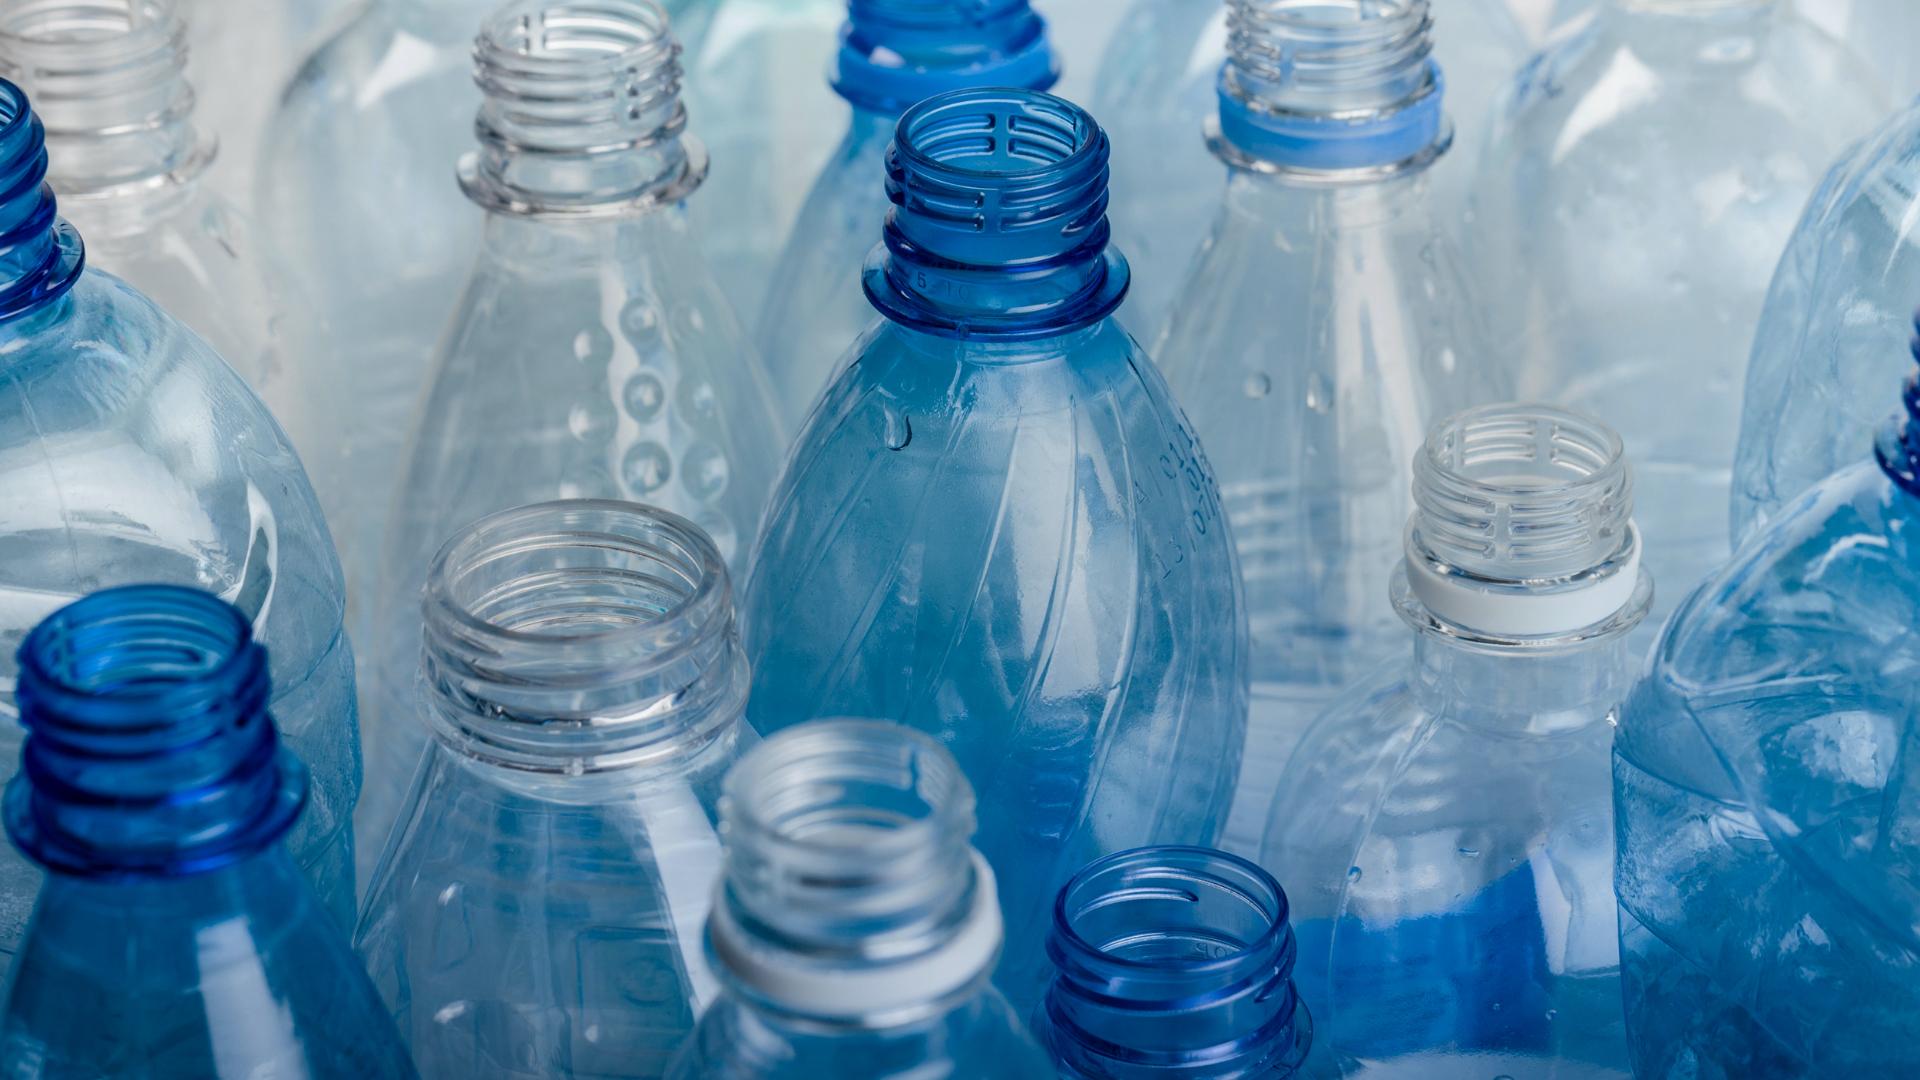 Kt bruk av resirkulert plast